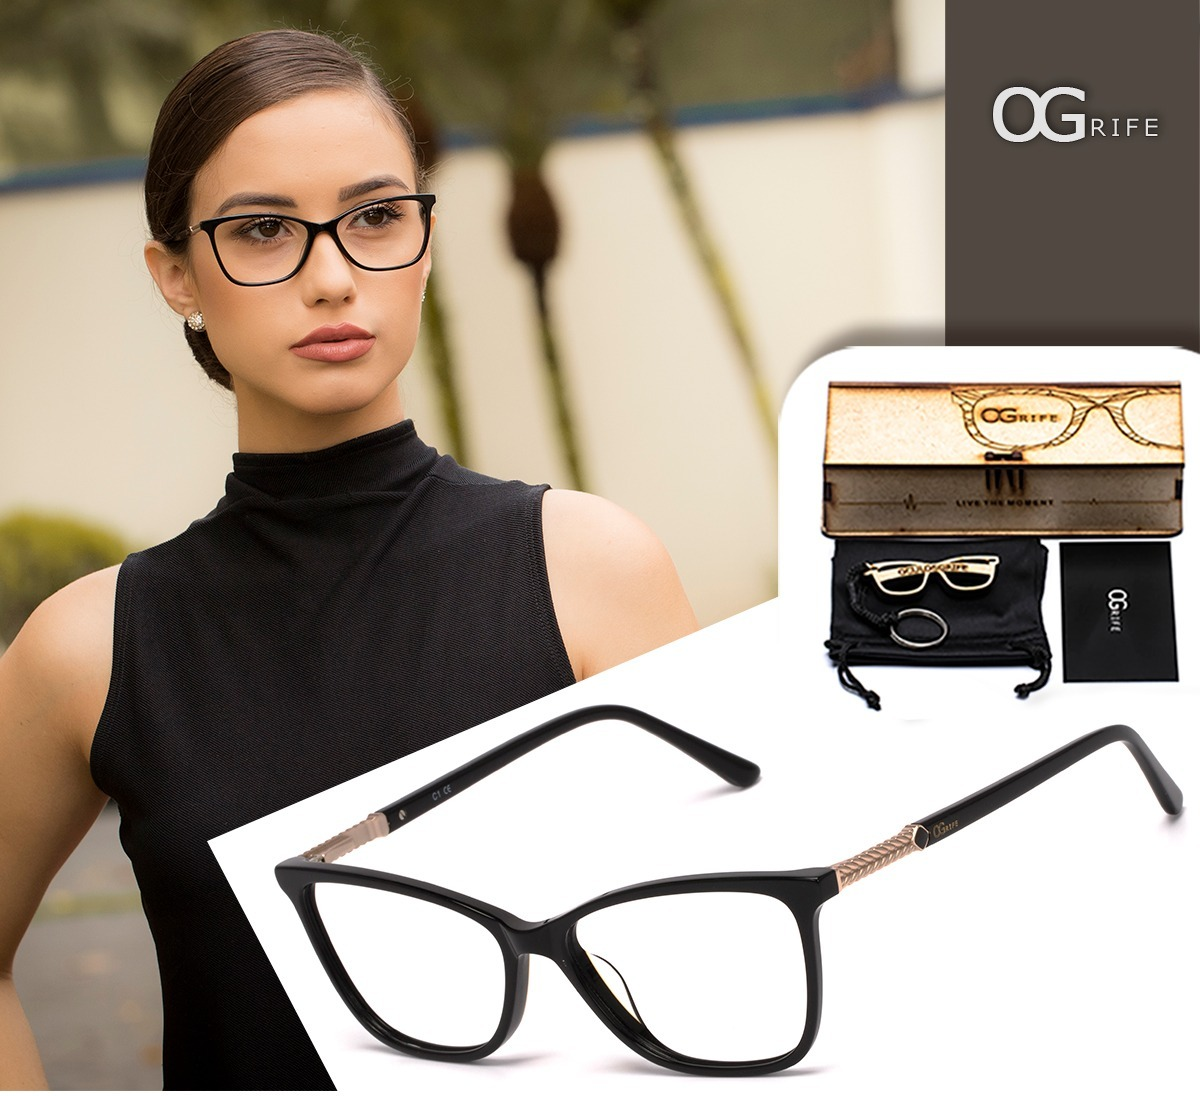 380e94042caa8 armação oculos ogrife og 1497-m feminino com lente sem grau. Carregando zoom .